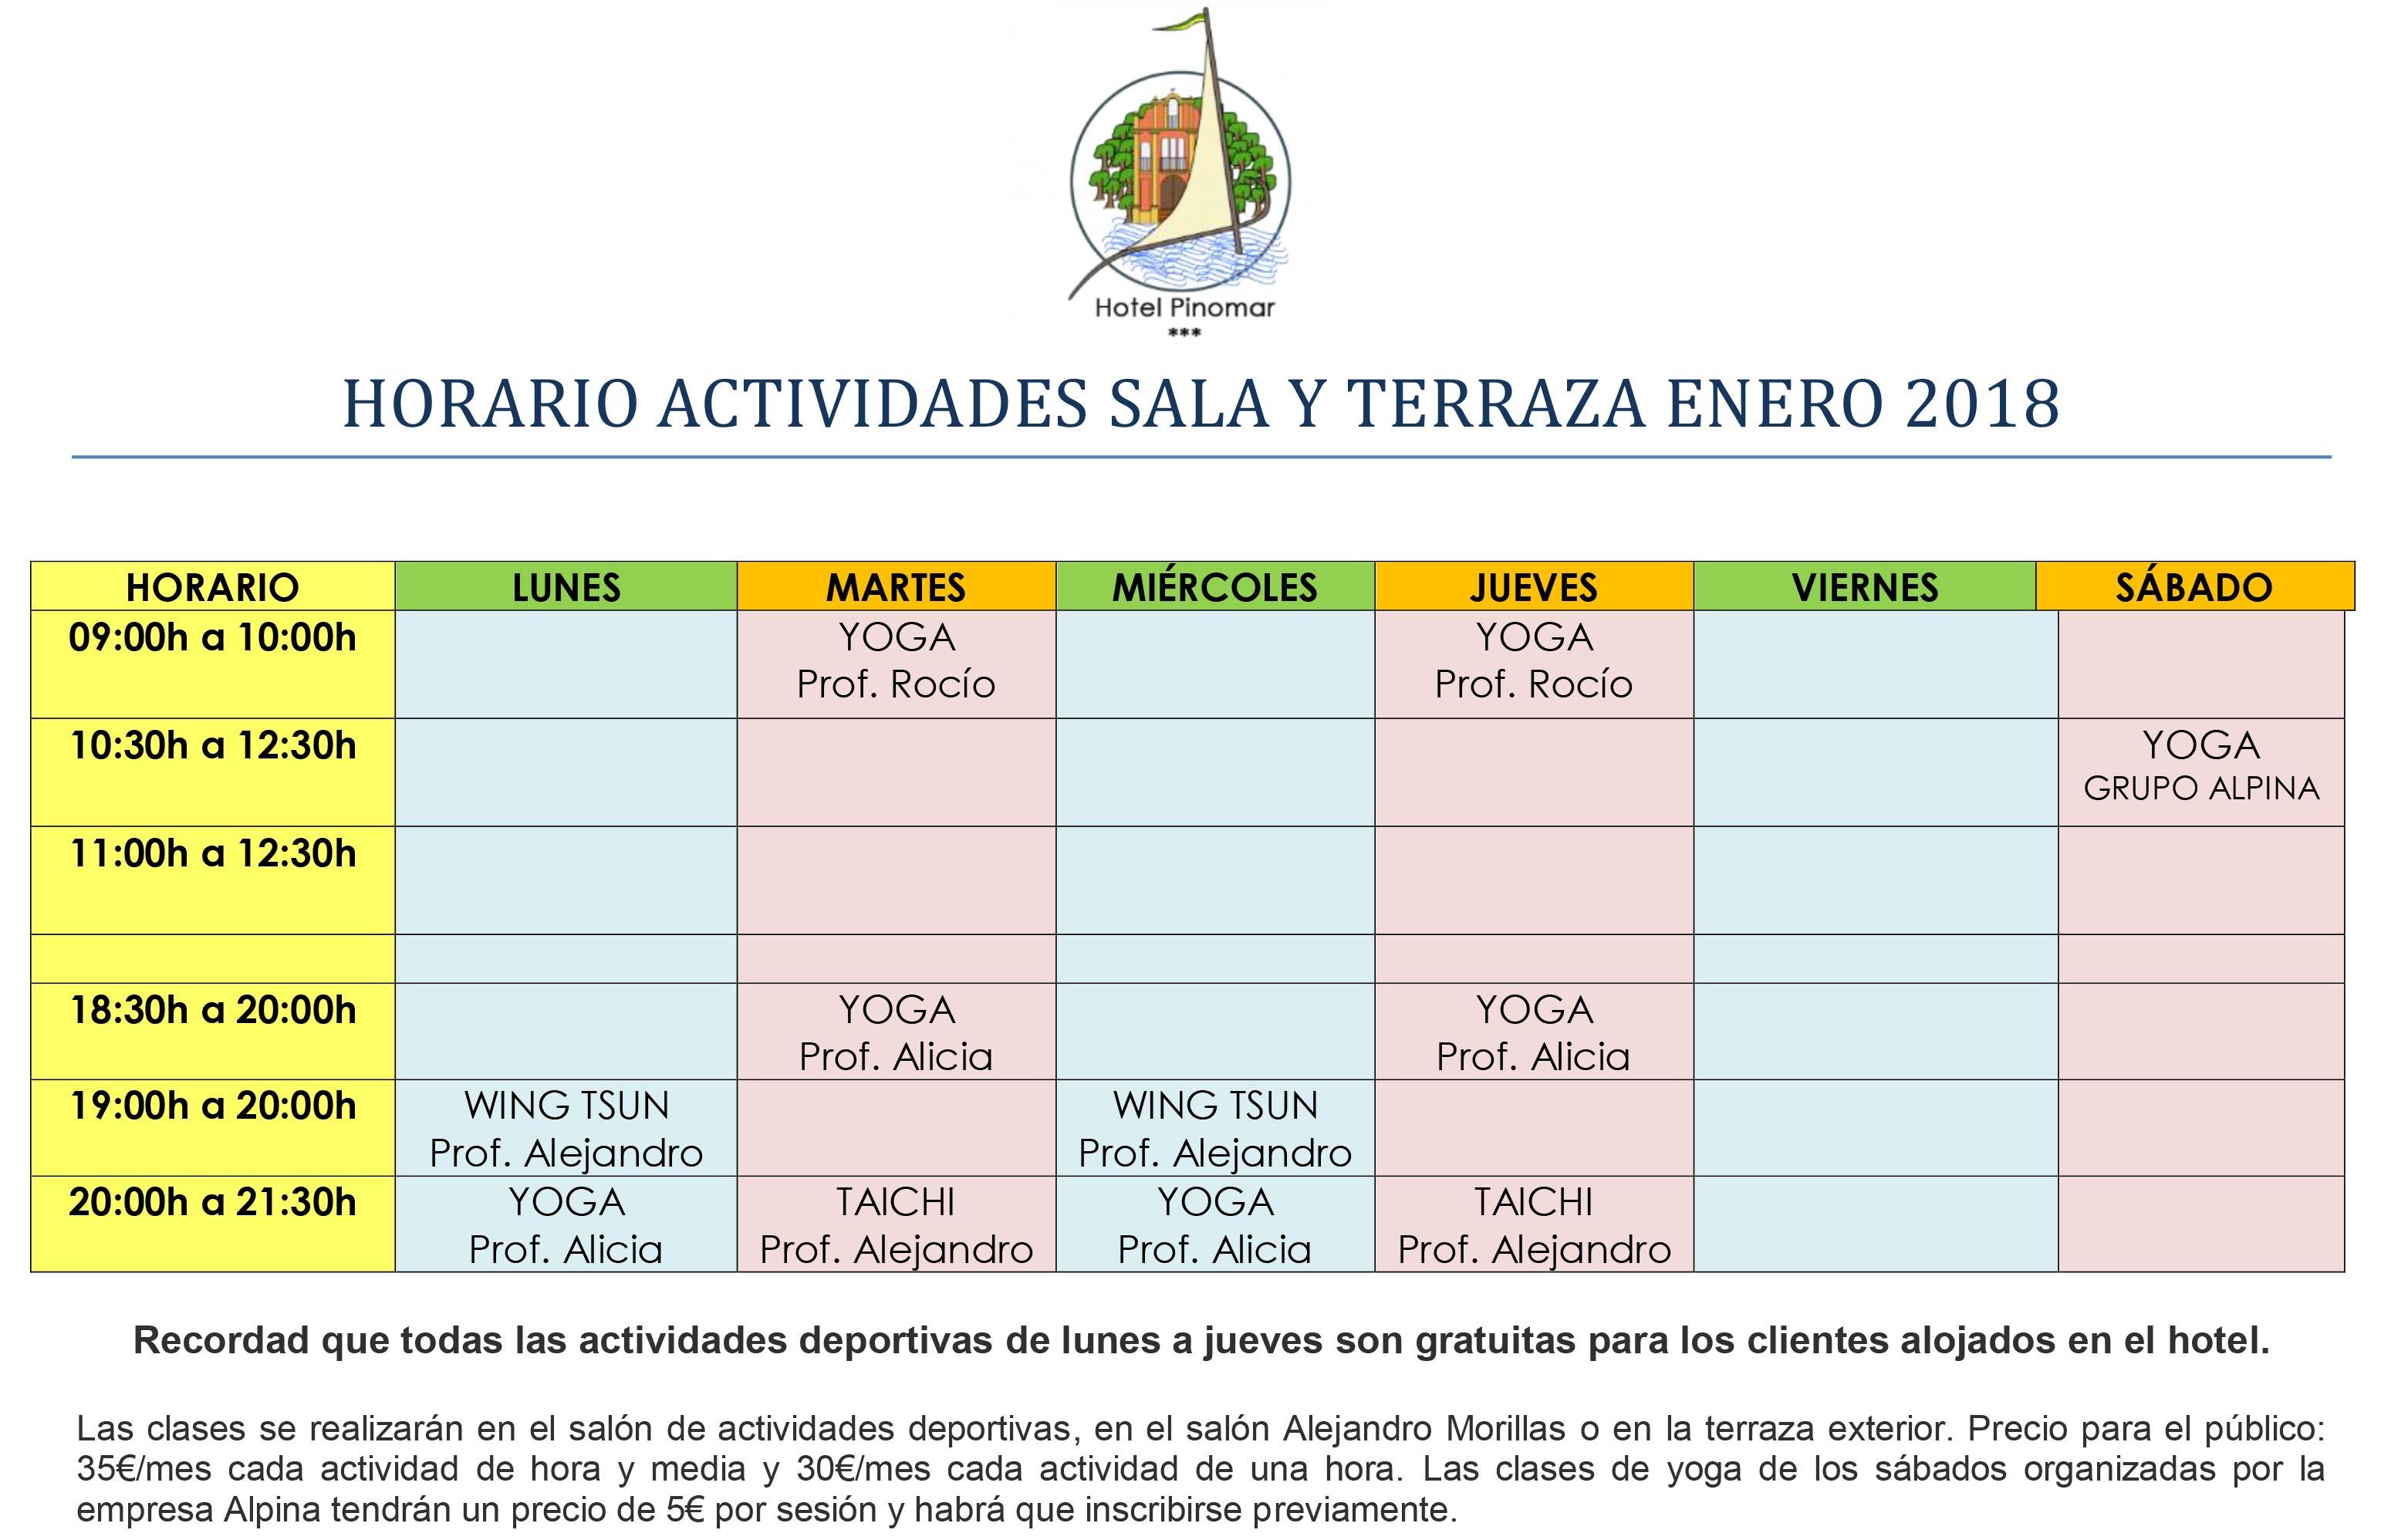 HORARIO ACTIVIDADES DIRIGIDAS ENERO 2018